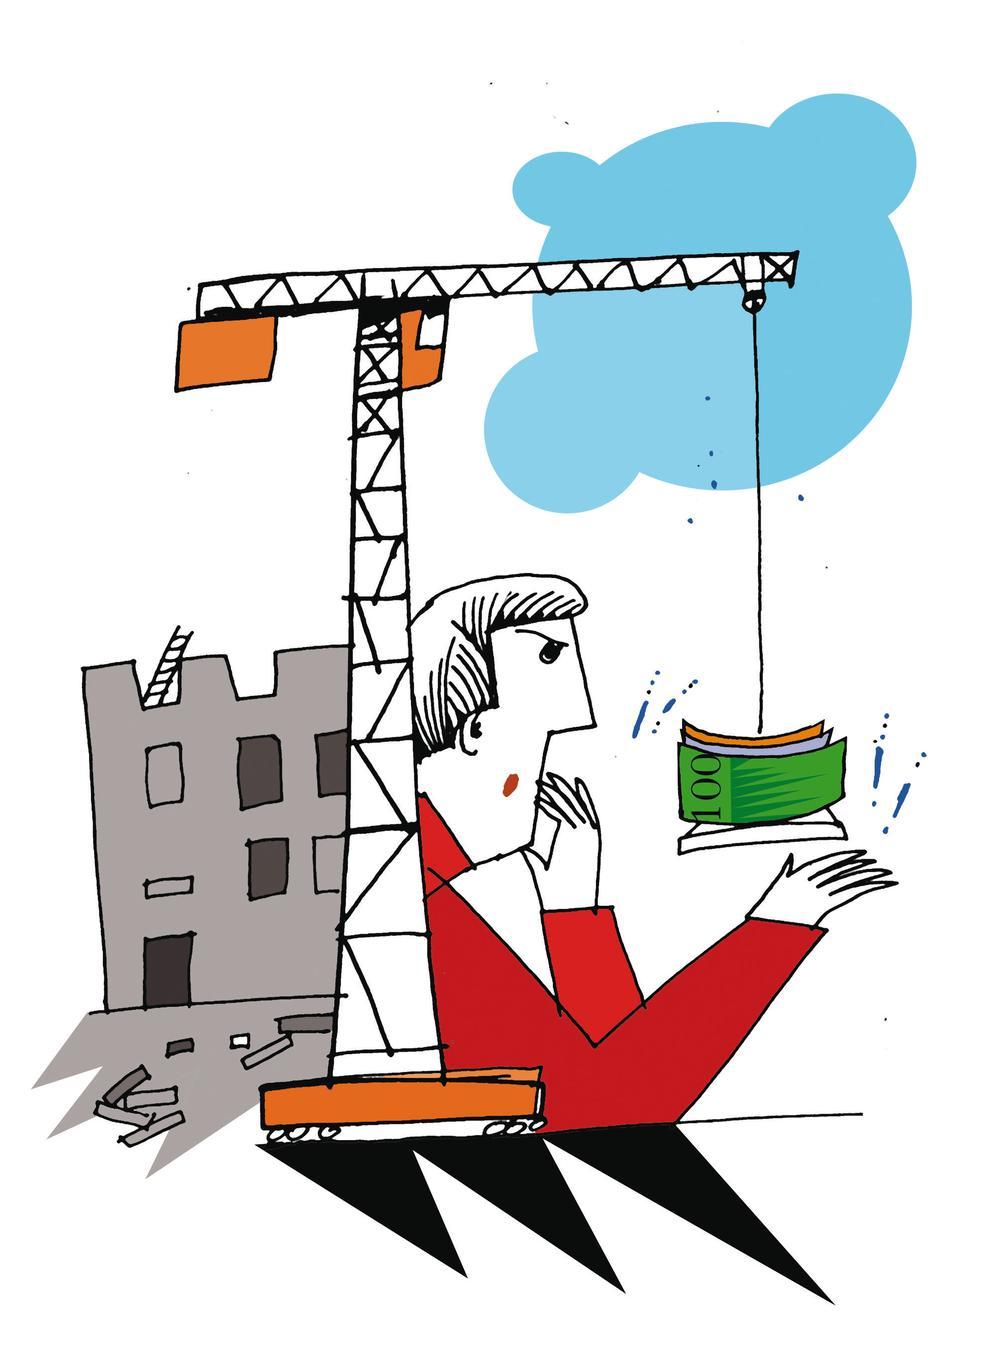 Jak ma działać Deweloperski Fundusz Gwarancyjny